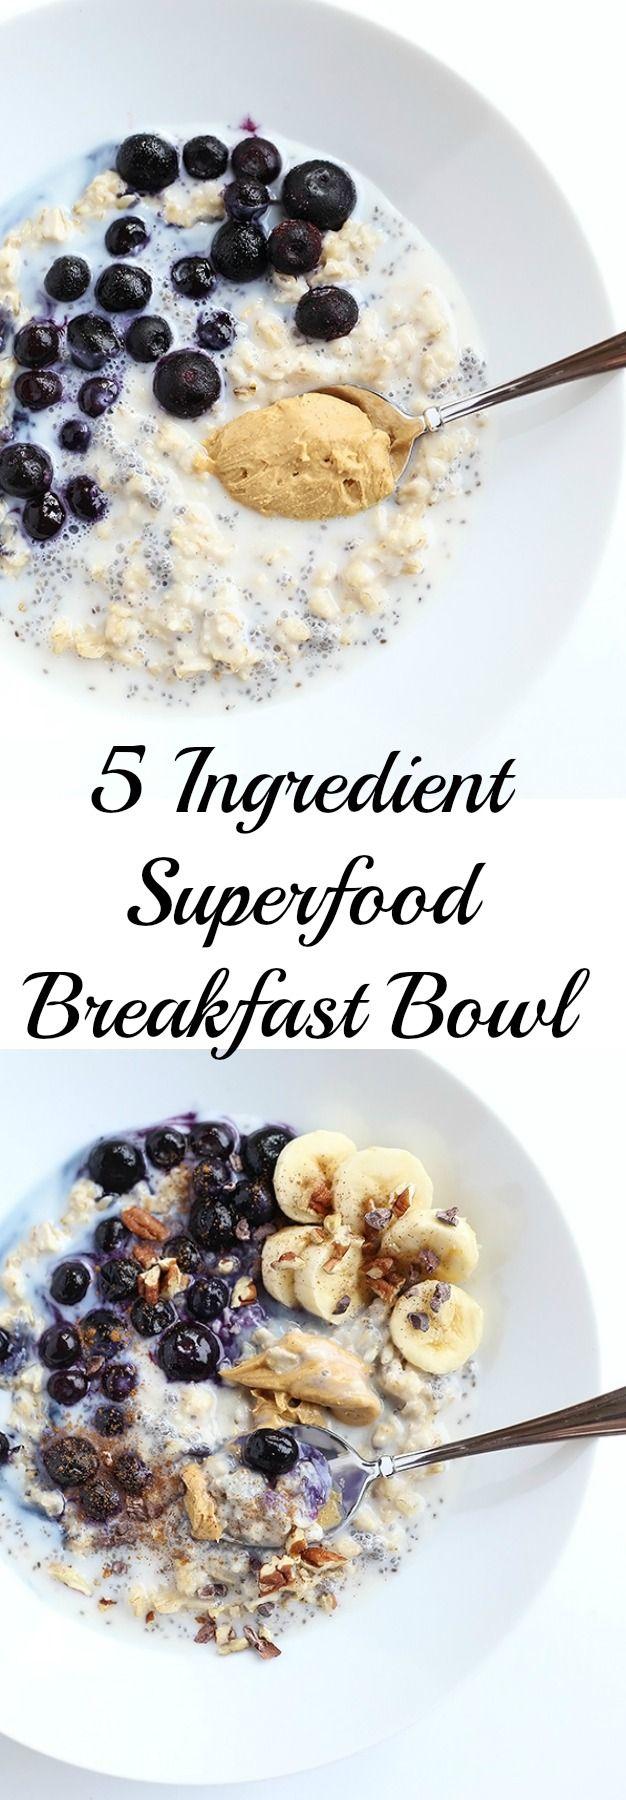 Photo of 5 Ingredient Superfood Breakfast Bowl